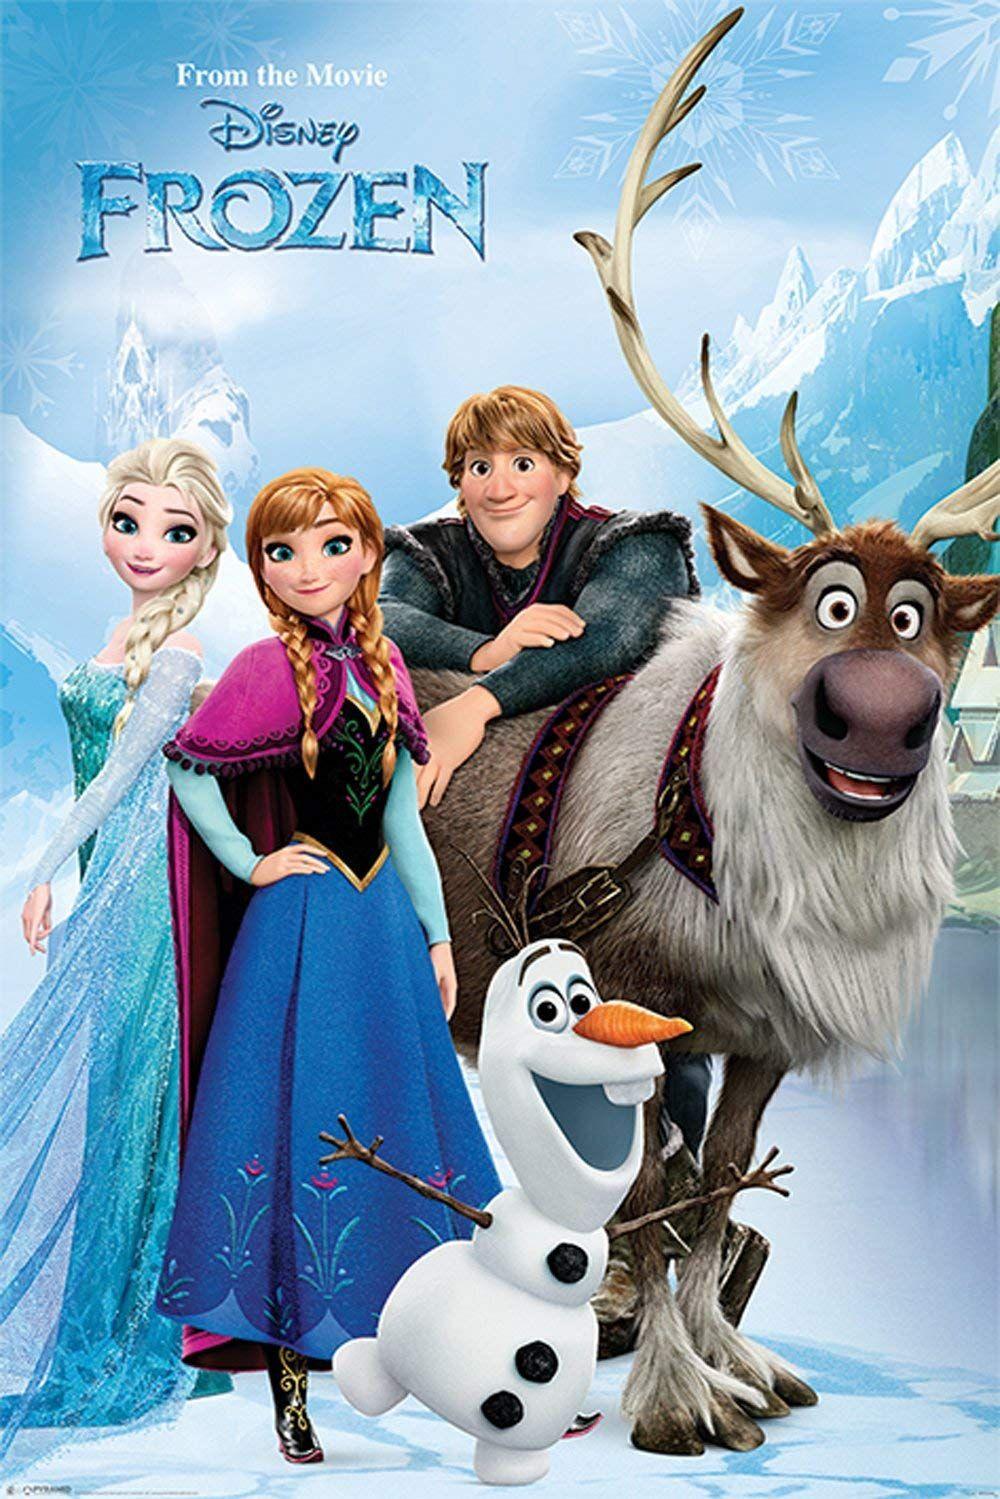 5. Frozen